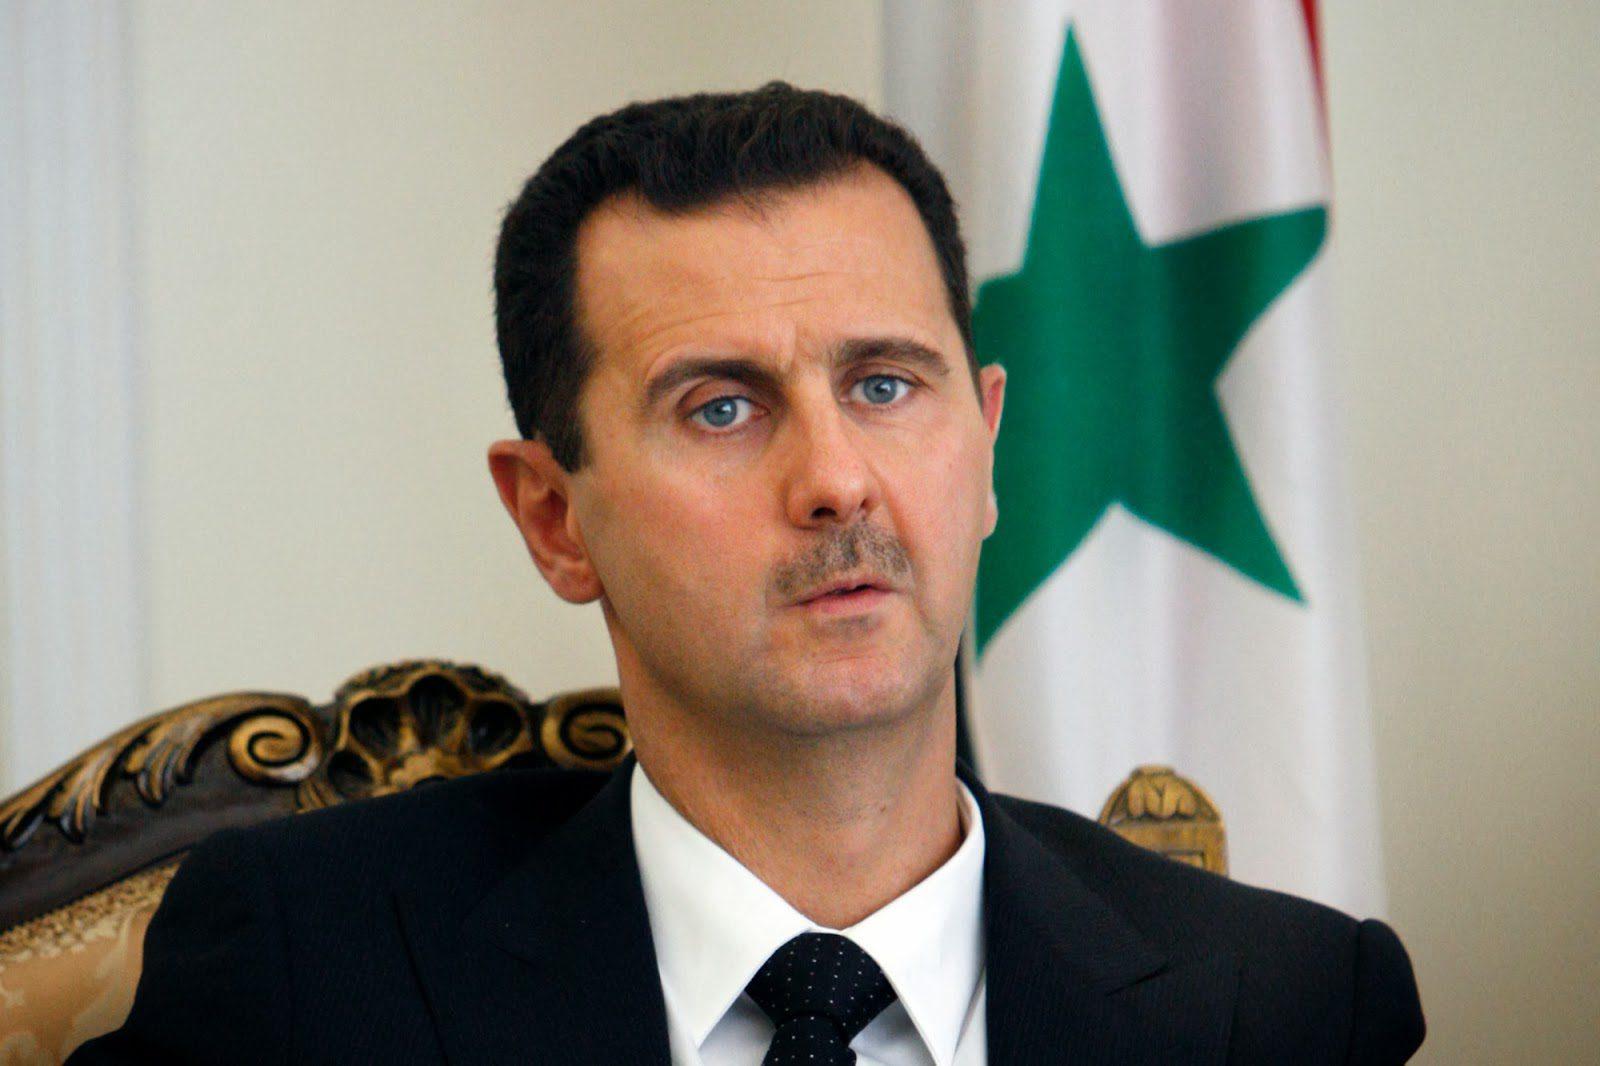 Ο Άσαντ πάει για δουλειά με κουστούμι μετά την επίθεση στη Συρία (vid)